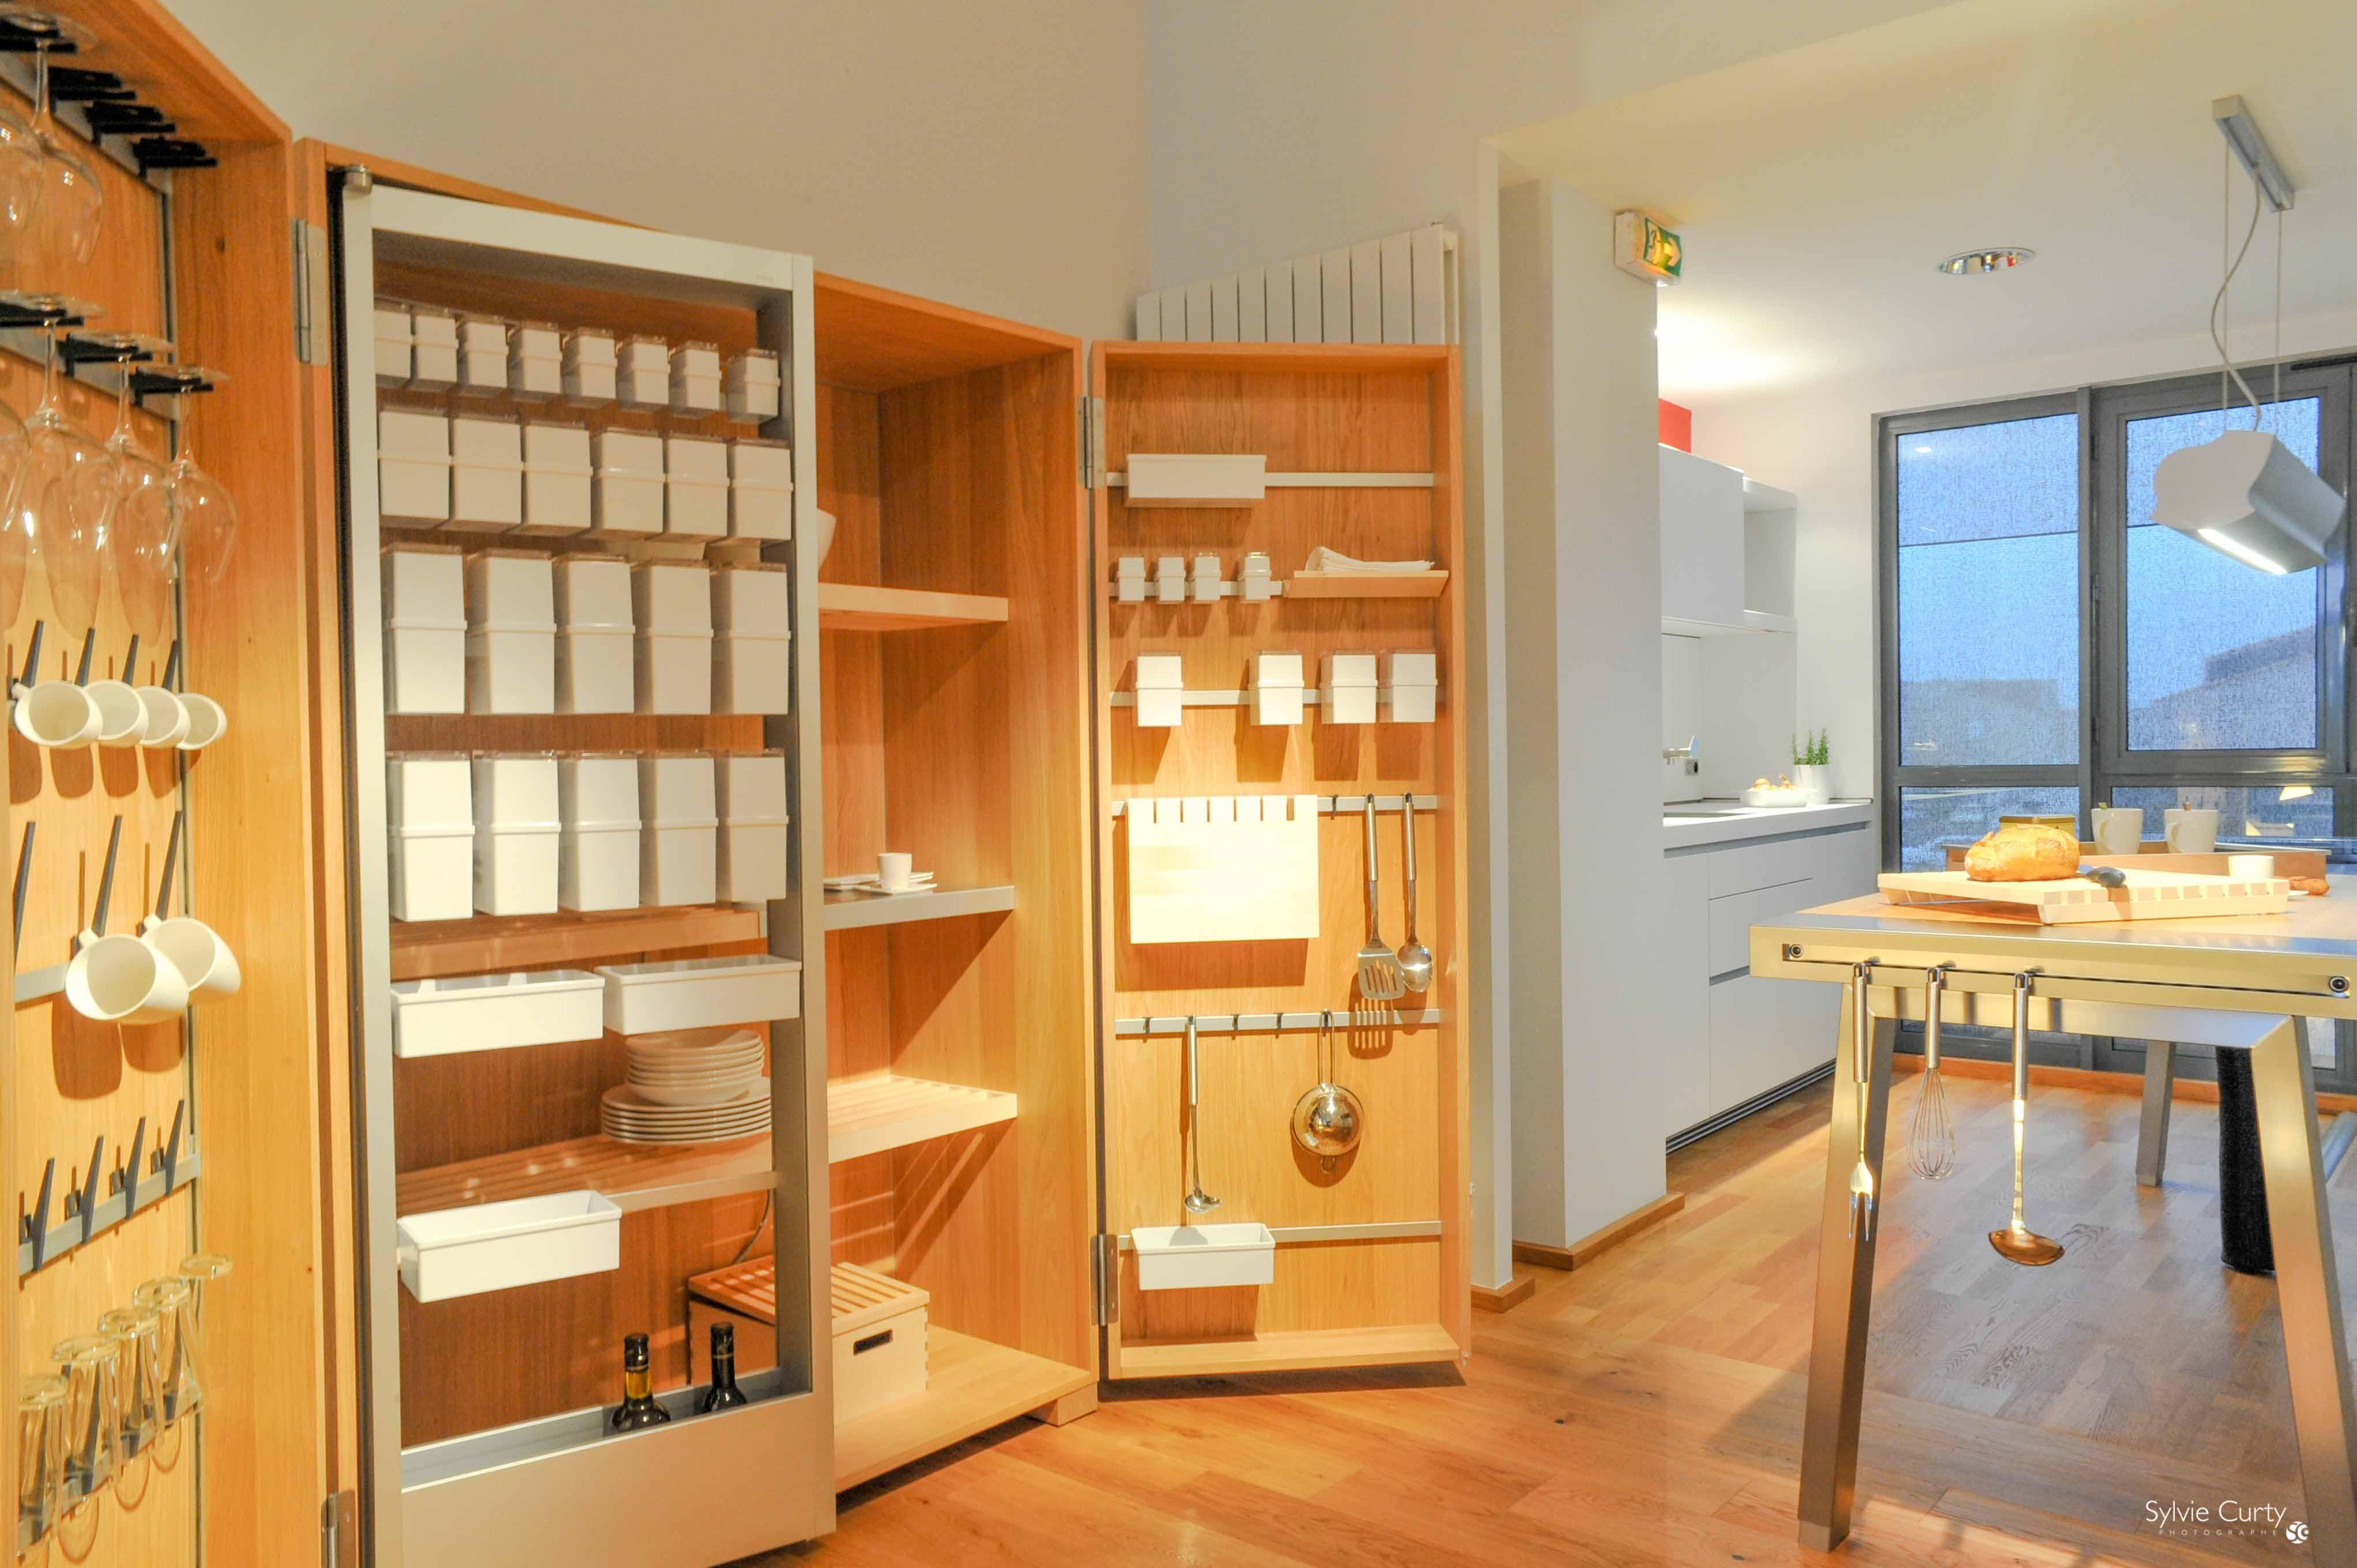 reportage d 39 entreprise sylvie curty photographe la rochelle en charente maritime poitou. Black Bedroom Furniture Sets. Home Design Ideas